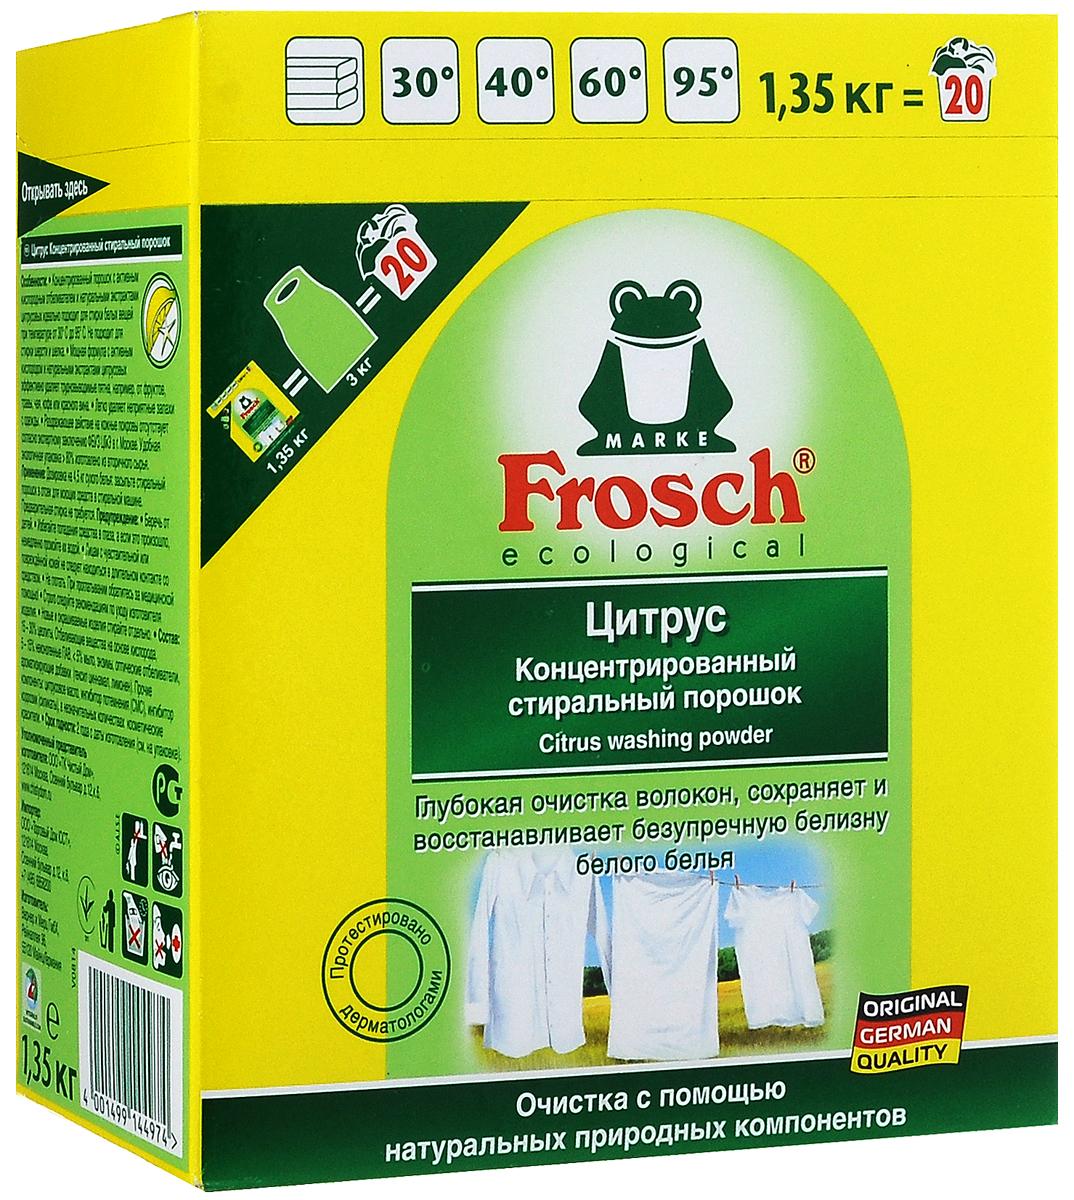 Стиральный порошок Frosch, с отбеливателем, концентрированный, 1,35 кгGC013/00Концентрированный стиральный порошок Frosch с активным кислородным отбеливателем и натуральными экстрактами цитрусовых предназначен для стирки и отбеливания белого белья в стиральных машинах любого типа при температуре от 30°C до 95°С. Мощная формула эффективно удаляет трудновыводимые пятна, например, от фруктов, травы, чая, кофе или красного вина. Порошок одновременно эффективно выводит белковые пятна и пятна растительного происхождения, что является уникальным сочетанием. Порошок содержит пятновыводящую соль и не требует применения дополнительных отбеливателей. Не требует замачивания. Экономичен в применении. Легко удаляет неприятные запахи с одежды. Не оказывает раздражающего действия на кожу.Товар сертифицирован.